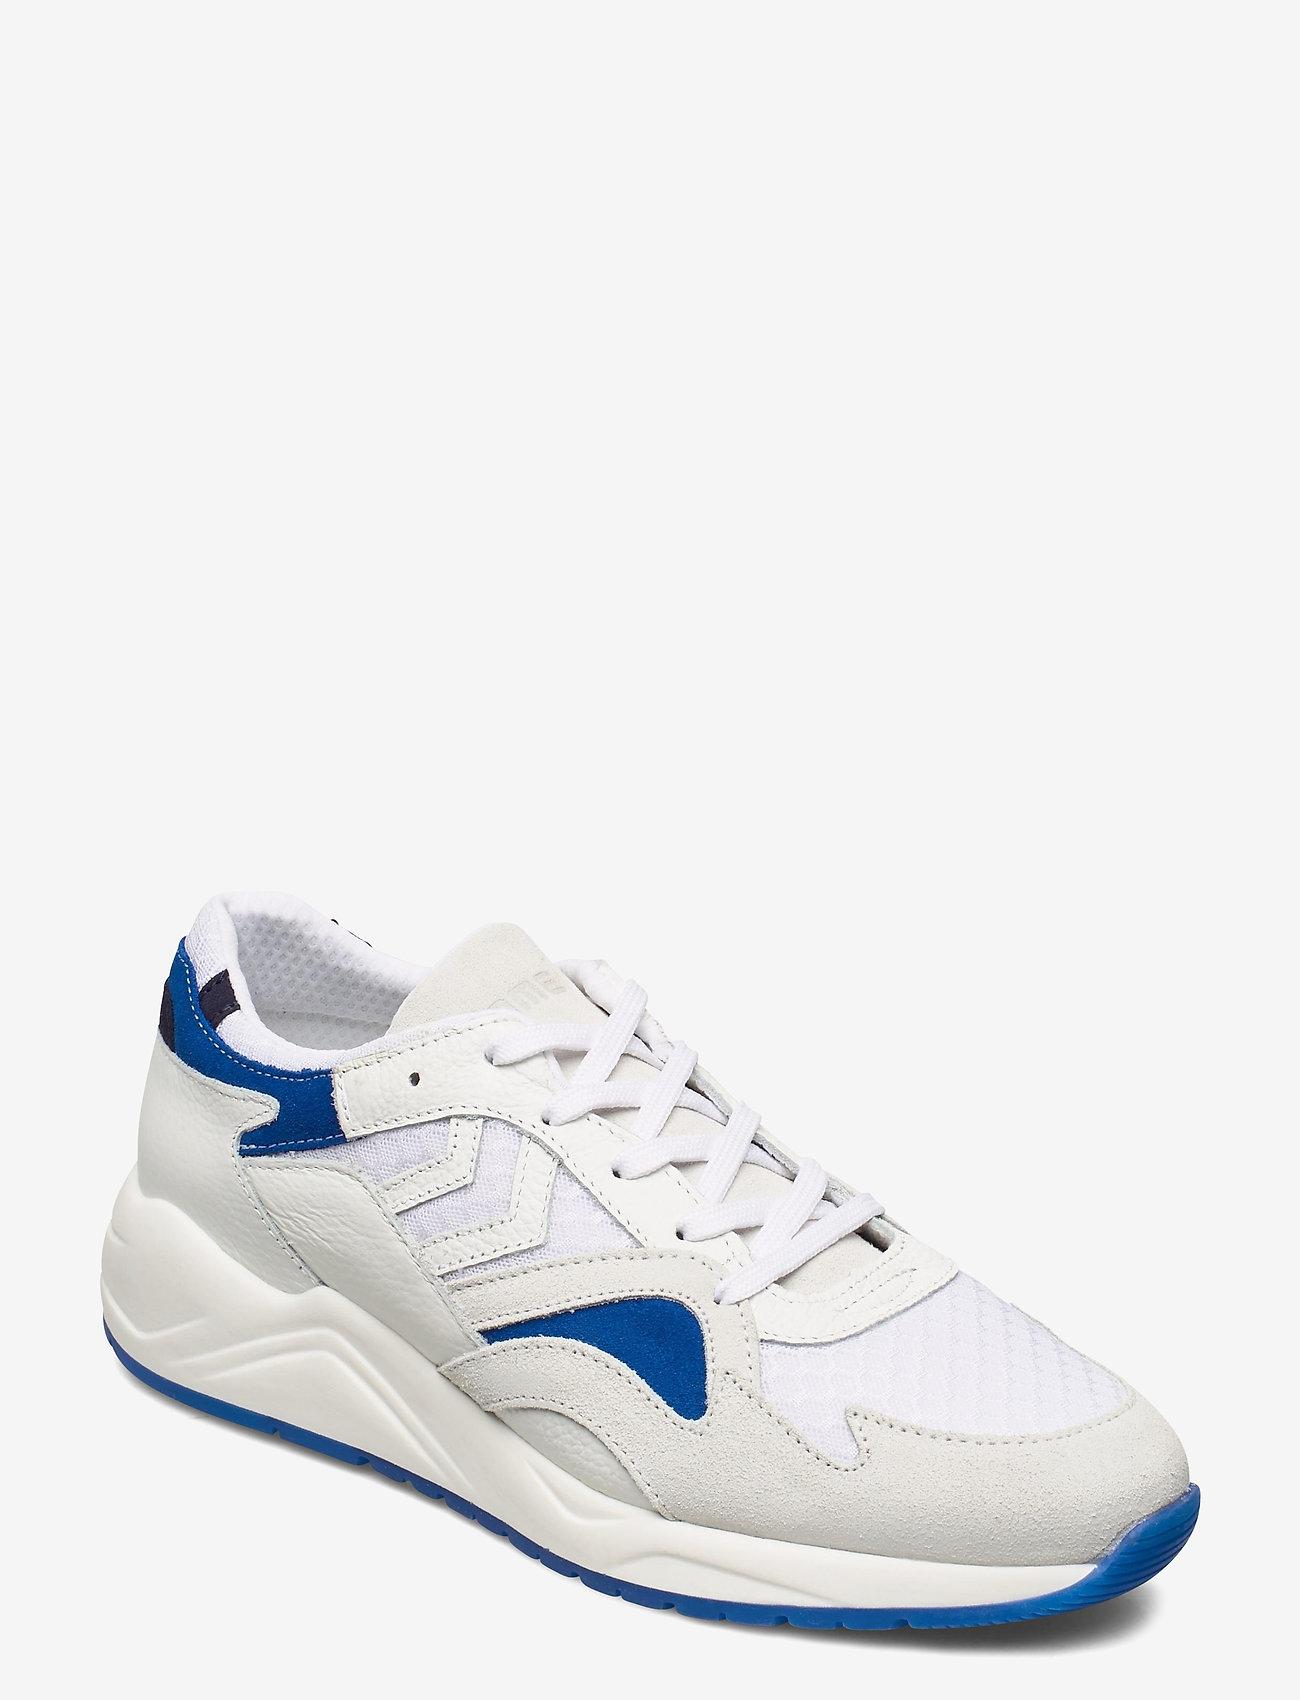 Hummel - EDMONTON PREMIUM - laag sneakers - white/blue - 0